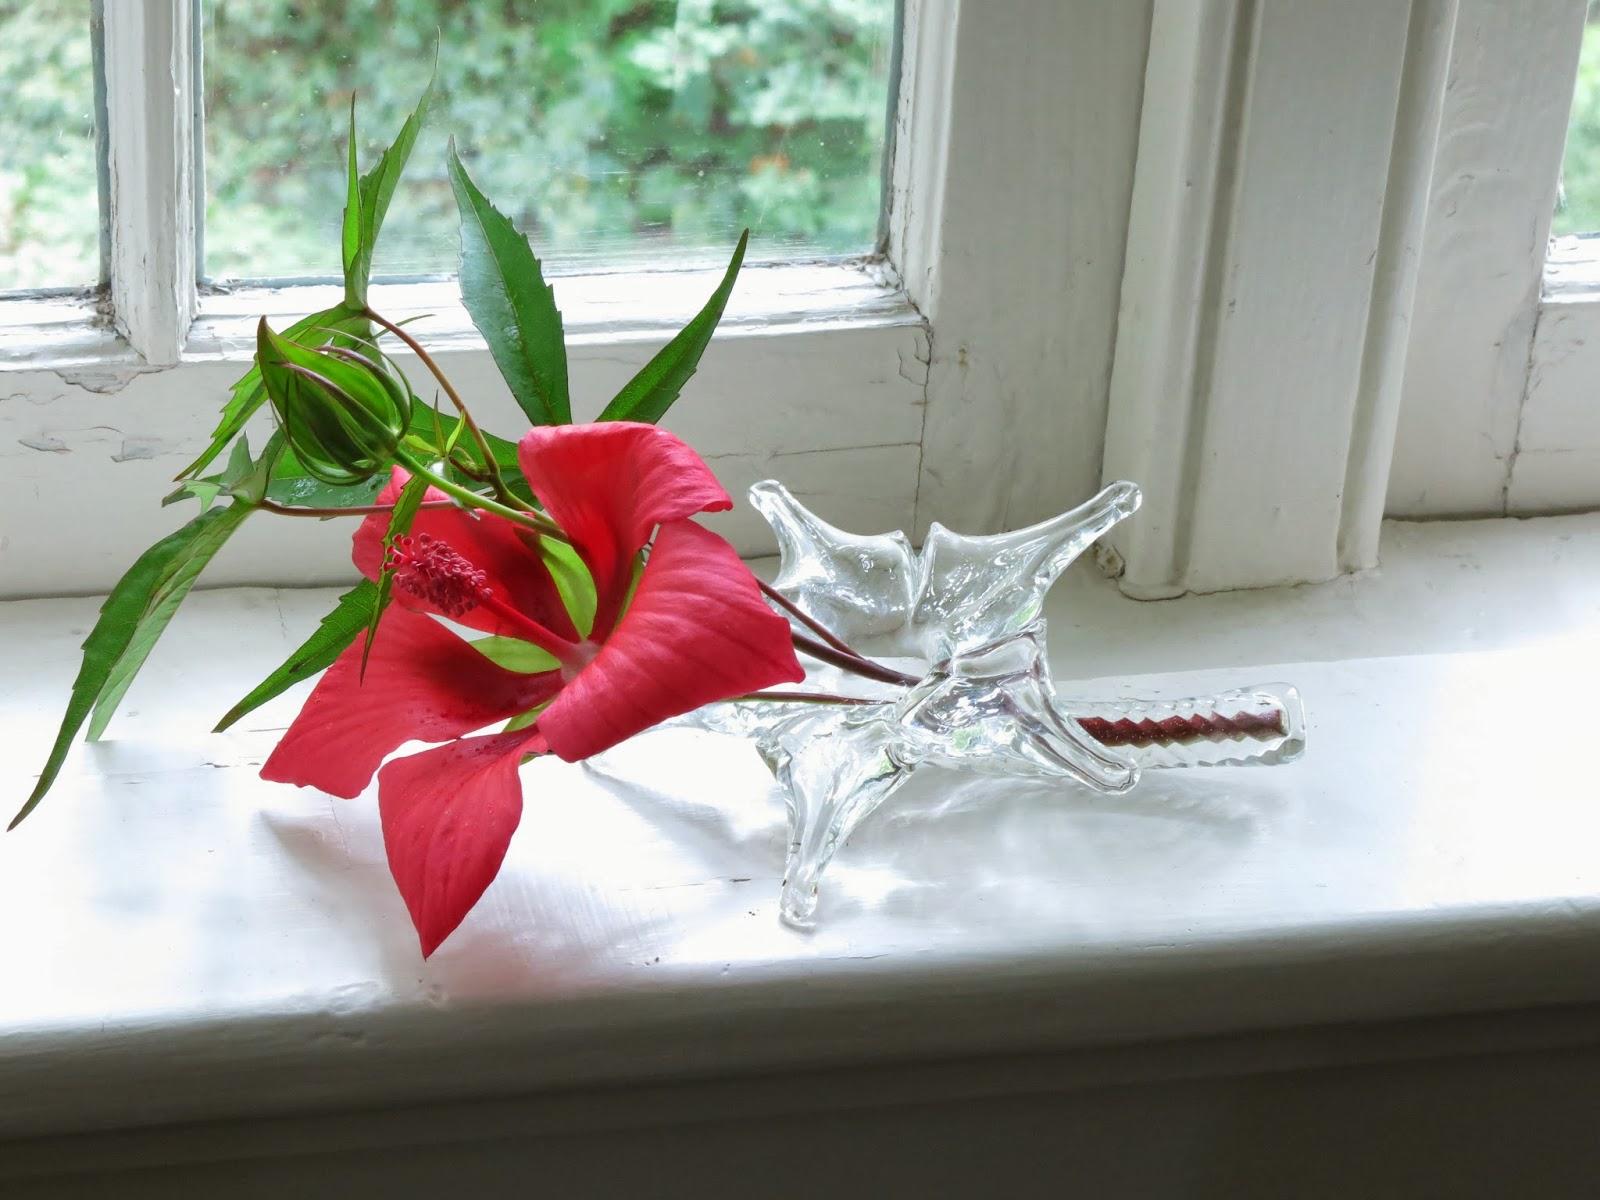 Windowsill Arranging Hibiscus In Hibiscus Holder